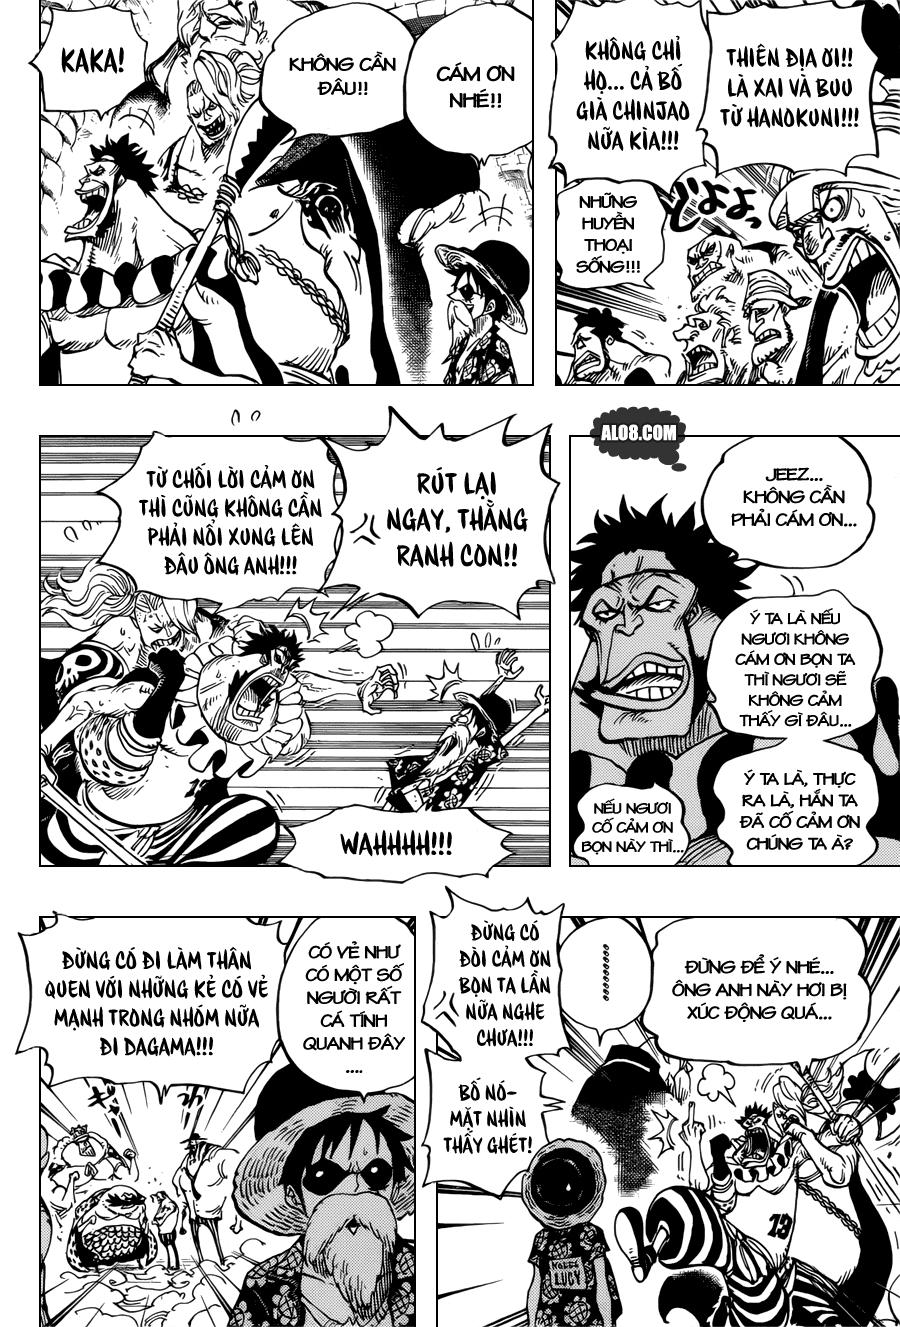 One Piece Chapter 704: Lucy và bức tượng của Kyros 004